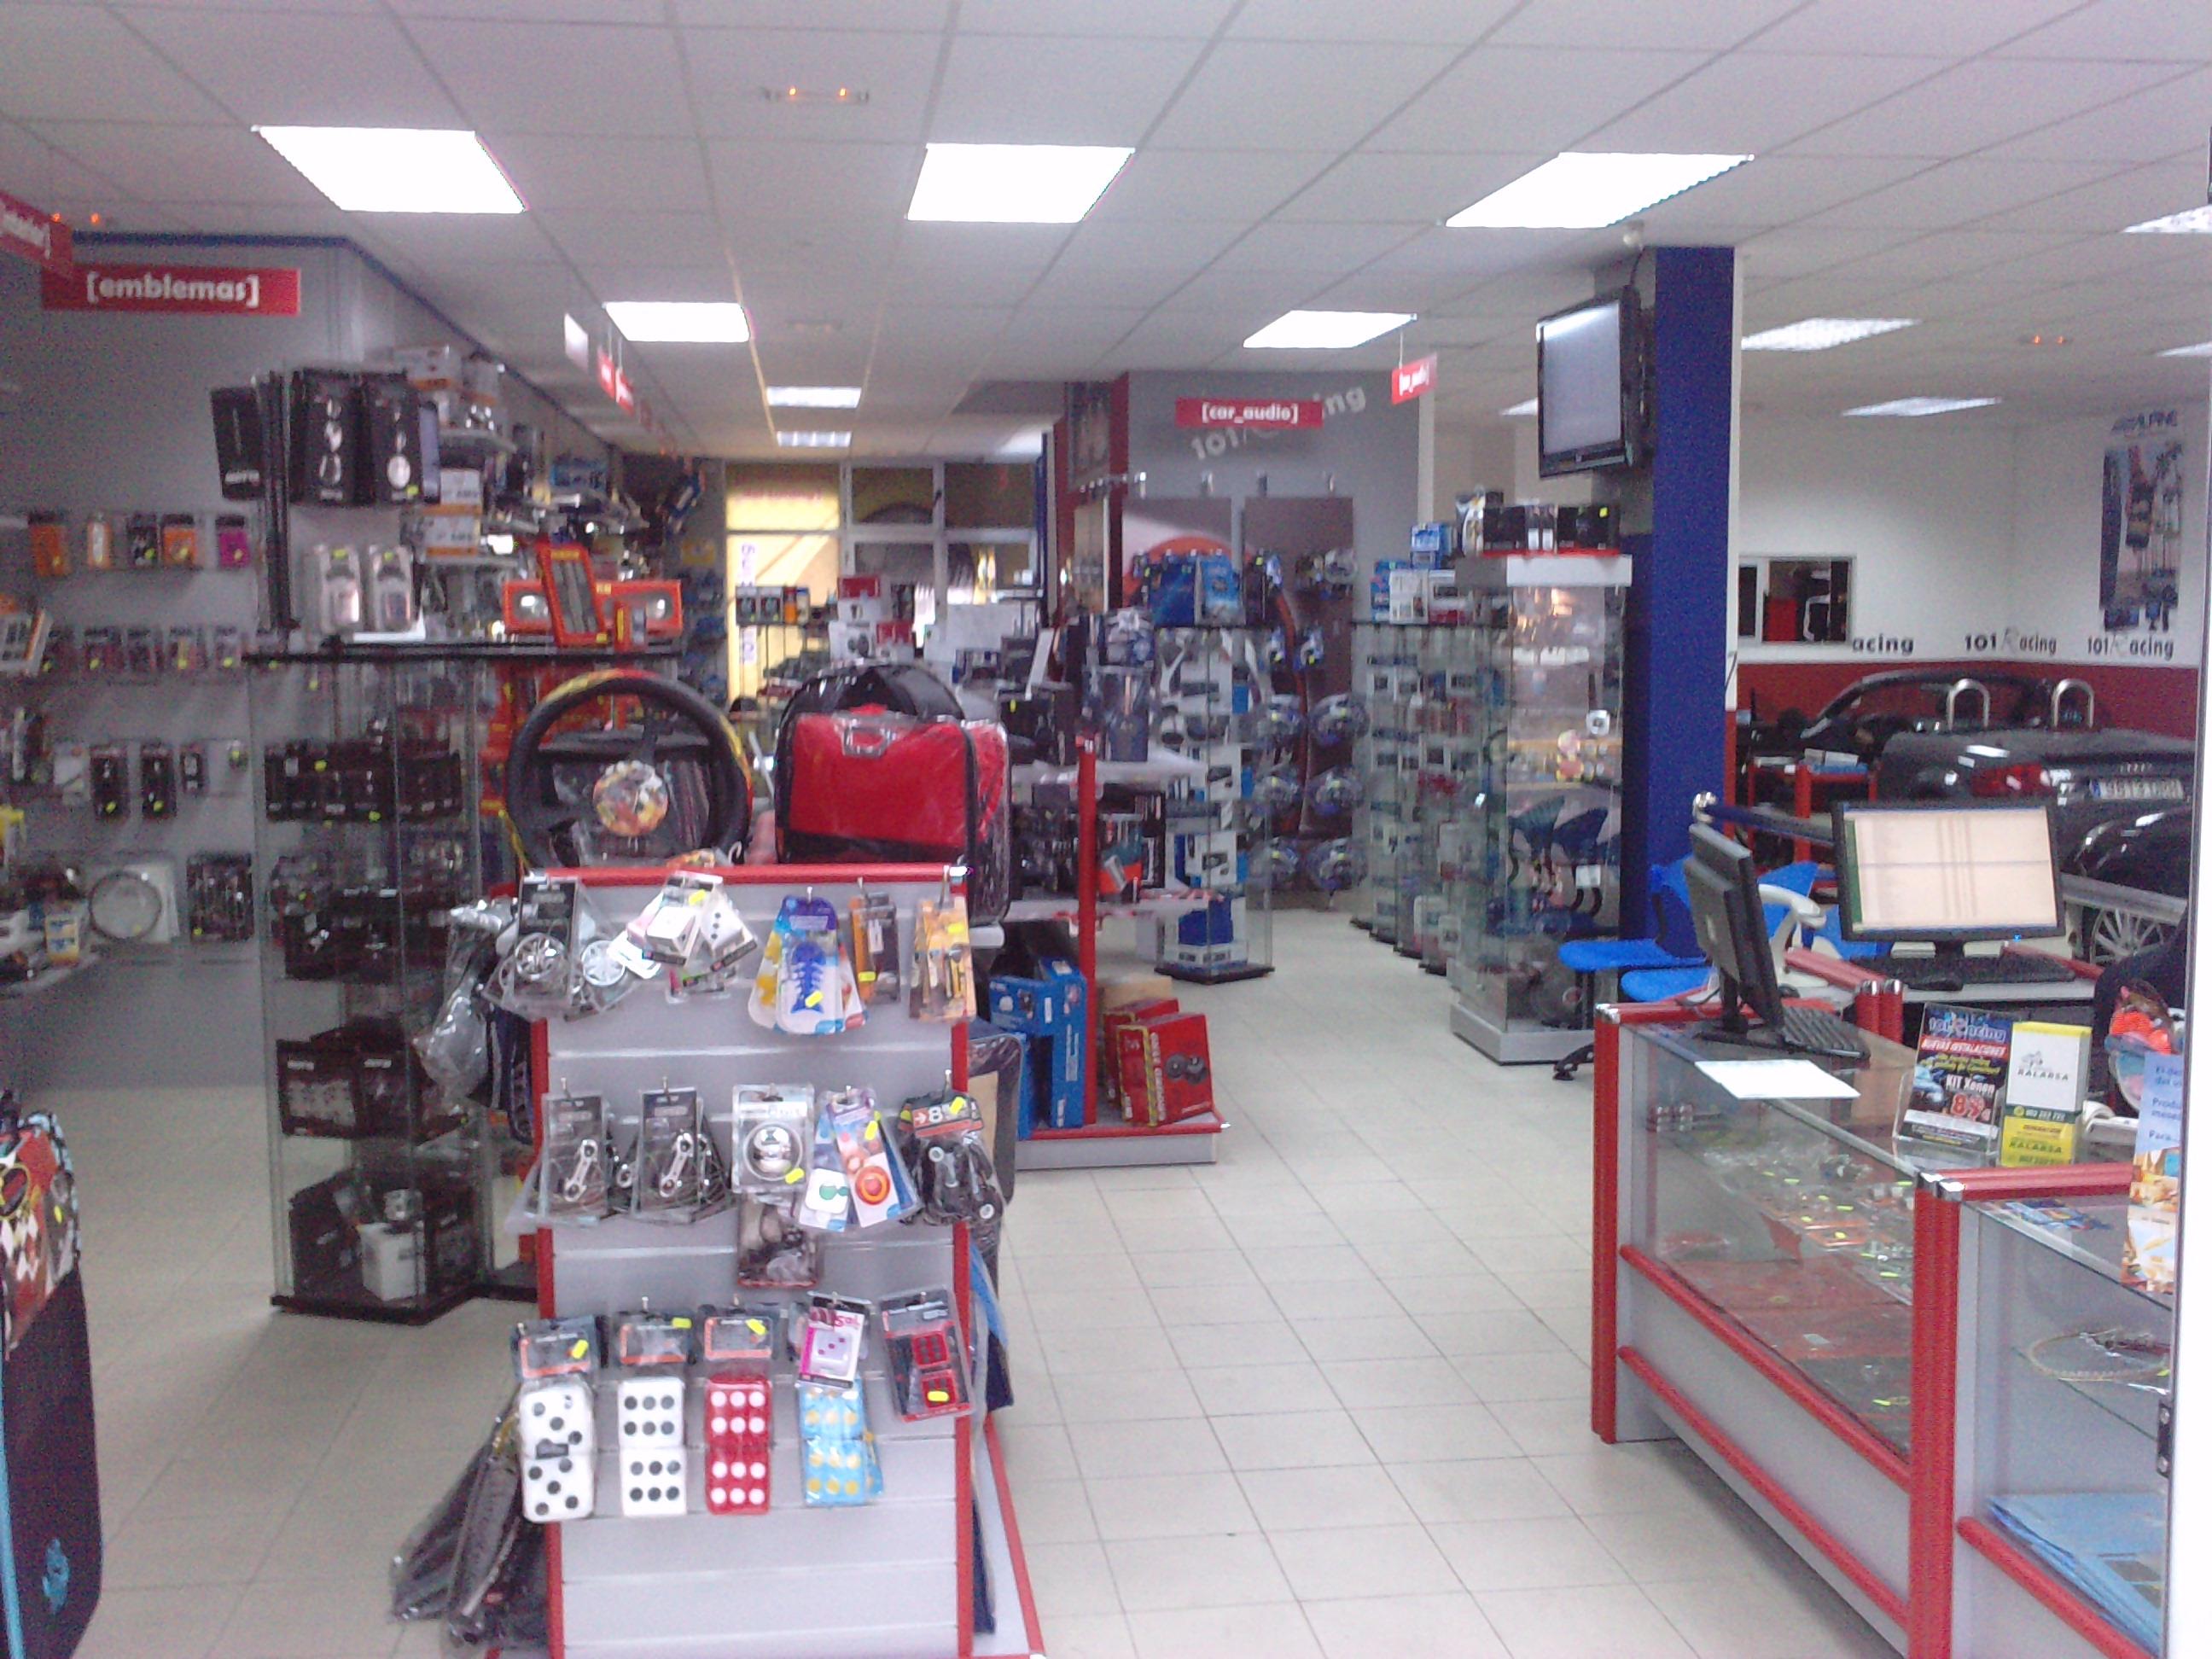 Interior tienda 101Racing Las Palmas en Gran Canaria